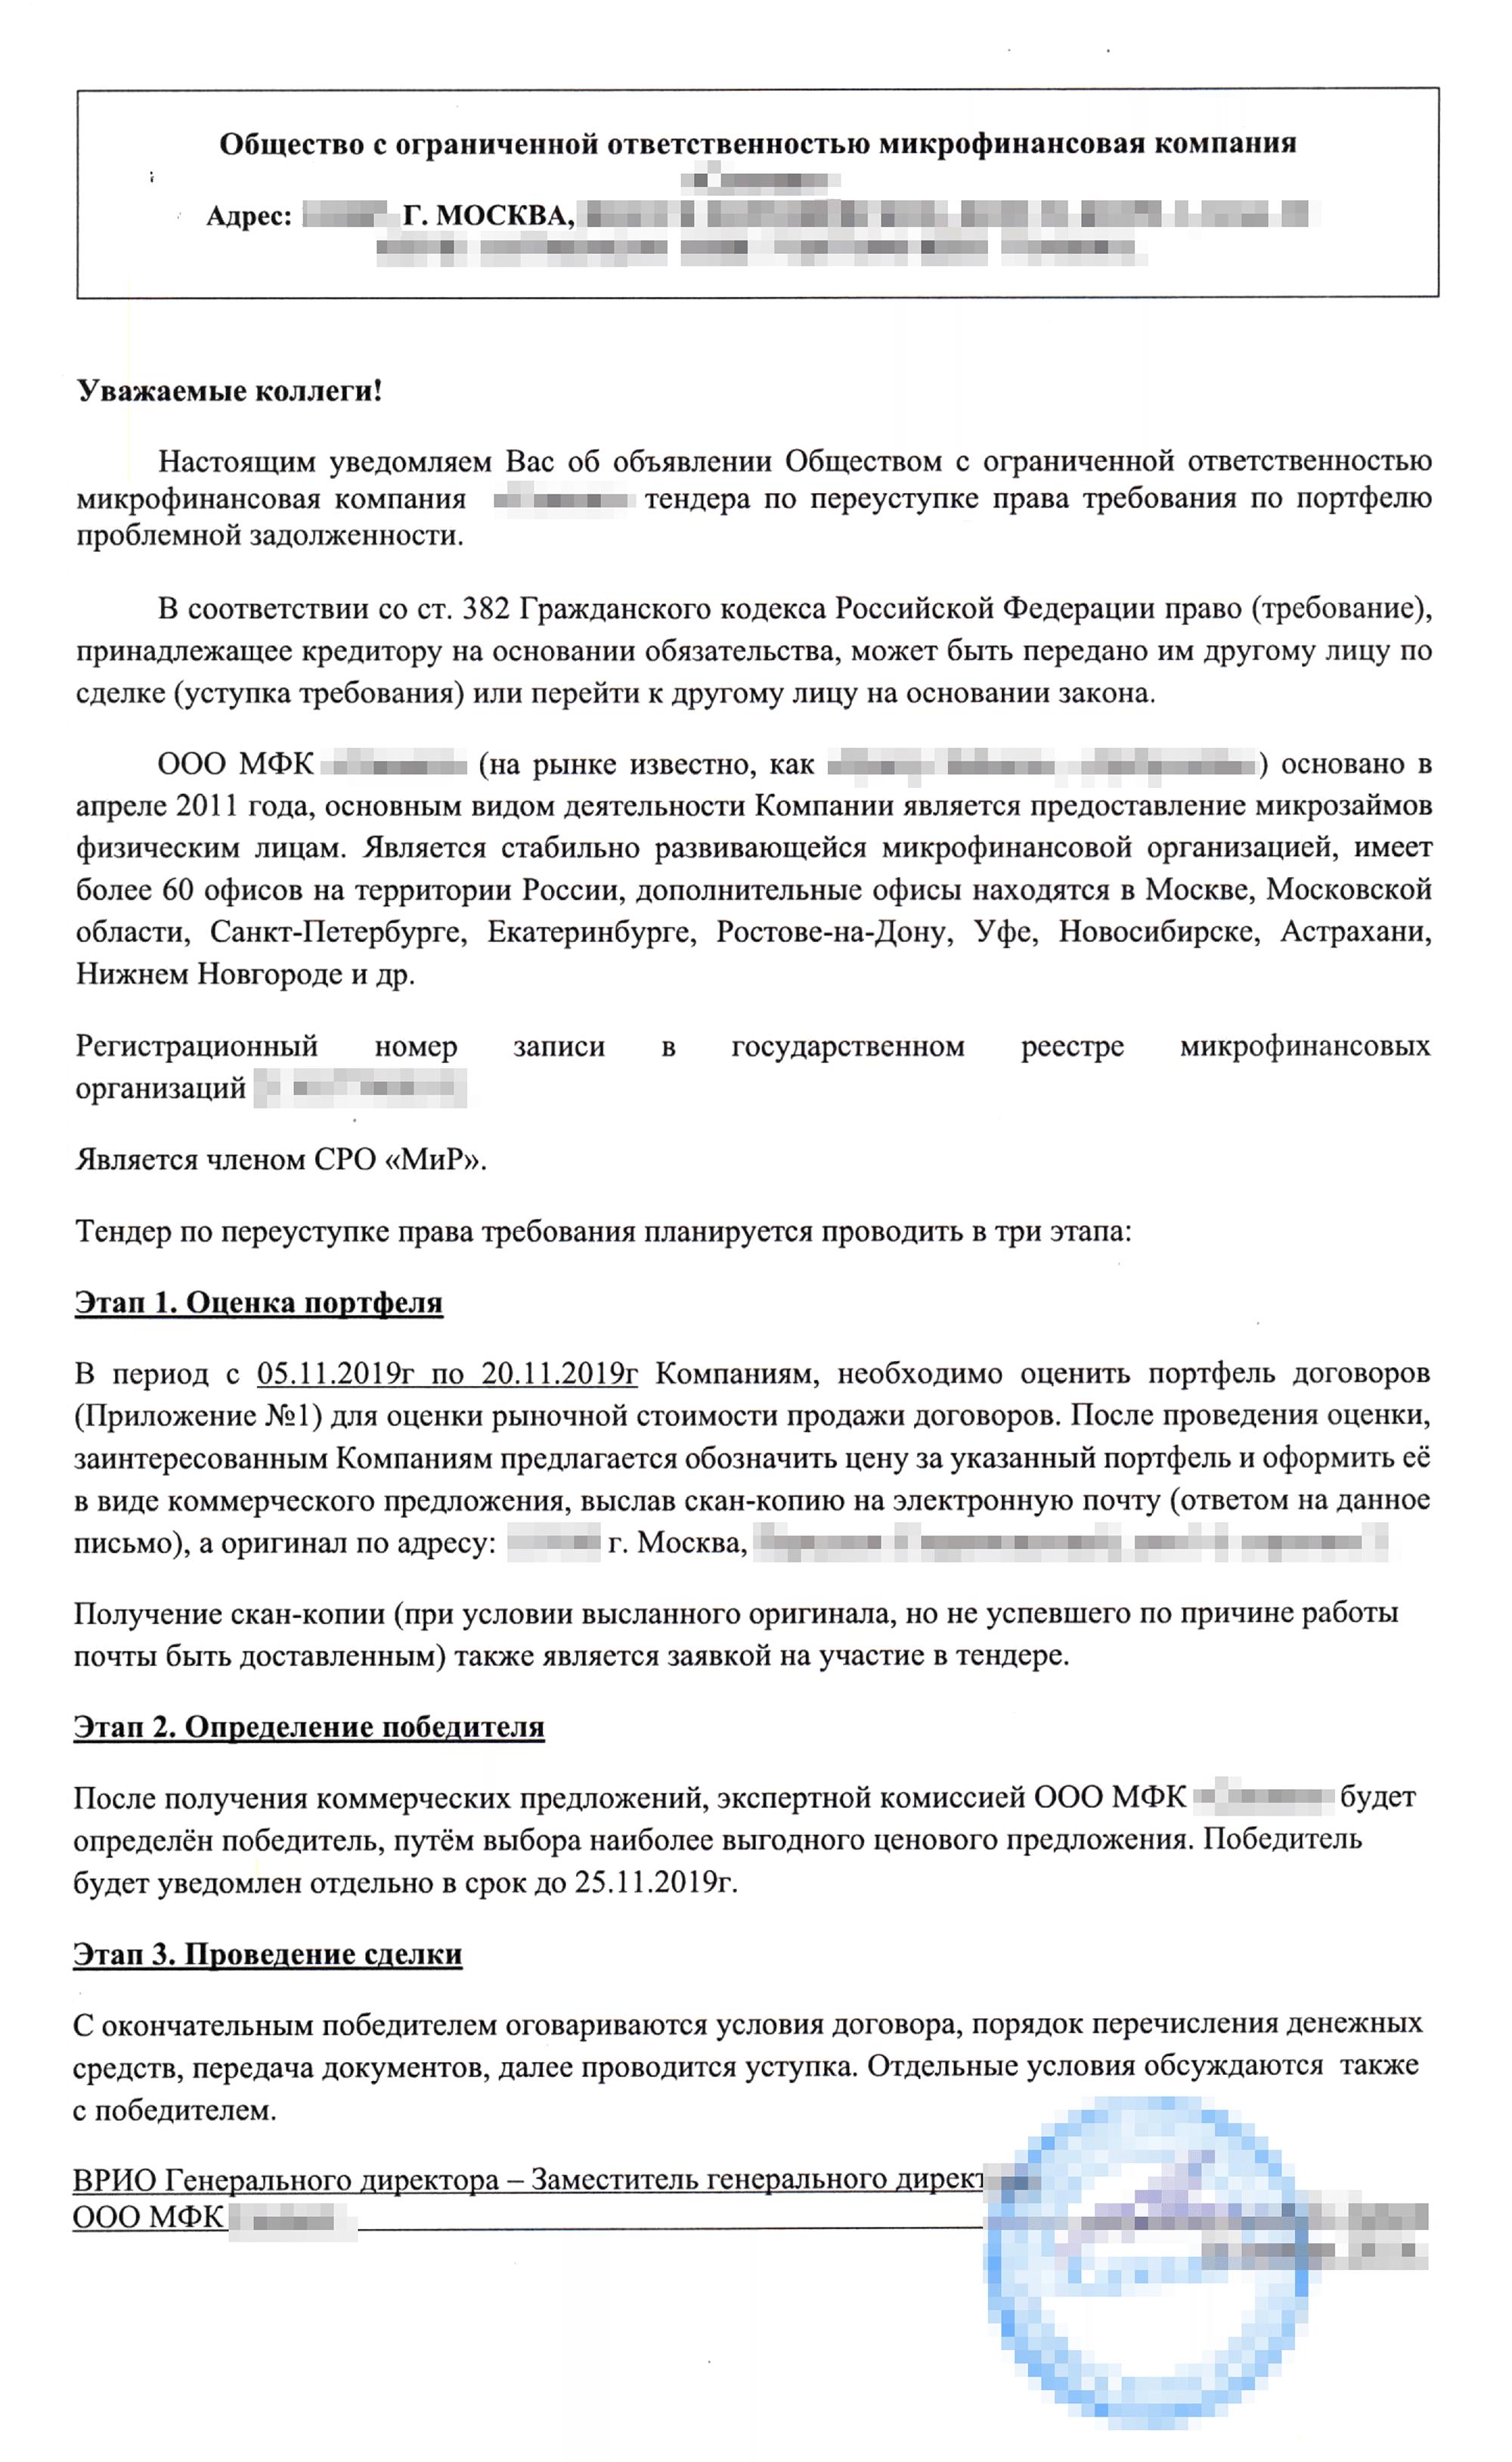 Кредиторы рассылают коллекторам такие письма, к которым прилагают обезличенный список долгов. Если предложение заинтересует организацию, она может предложить свою цену за портфель и поучаствовать в тендере